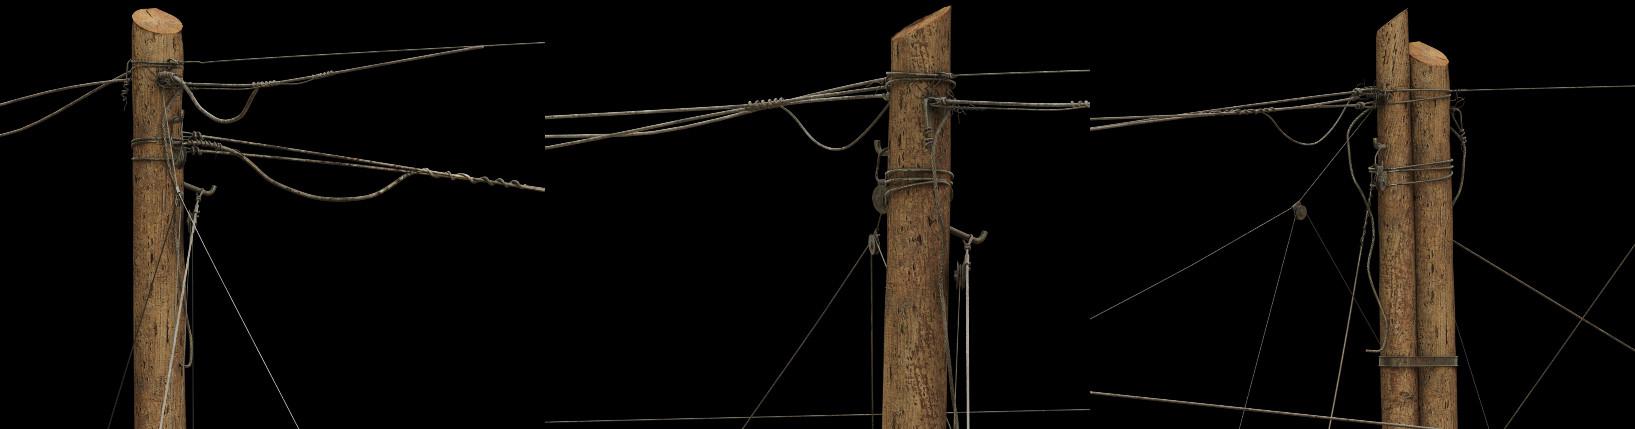 Tamas gyerman poles